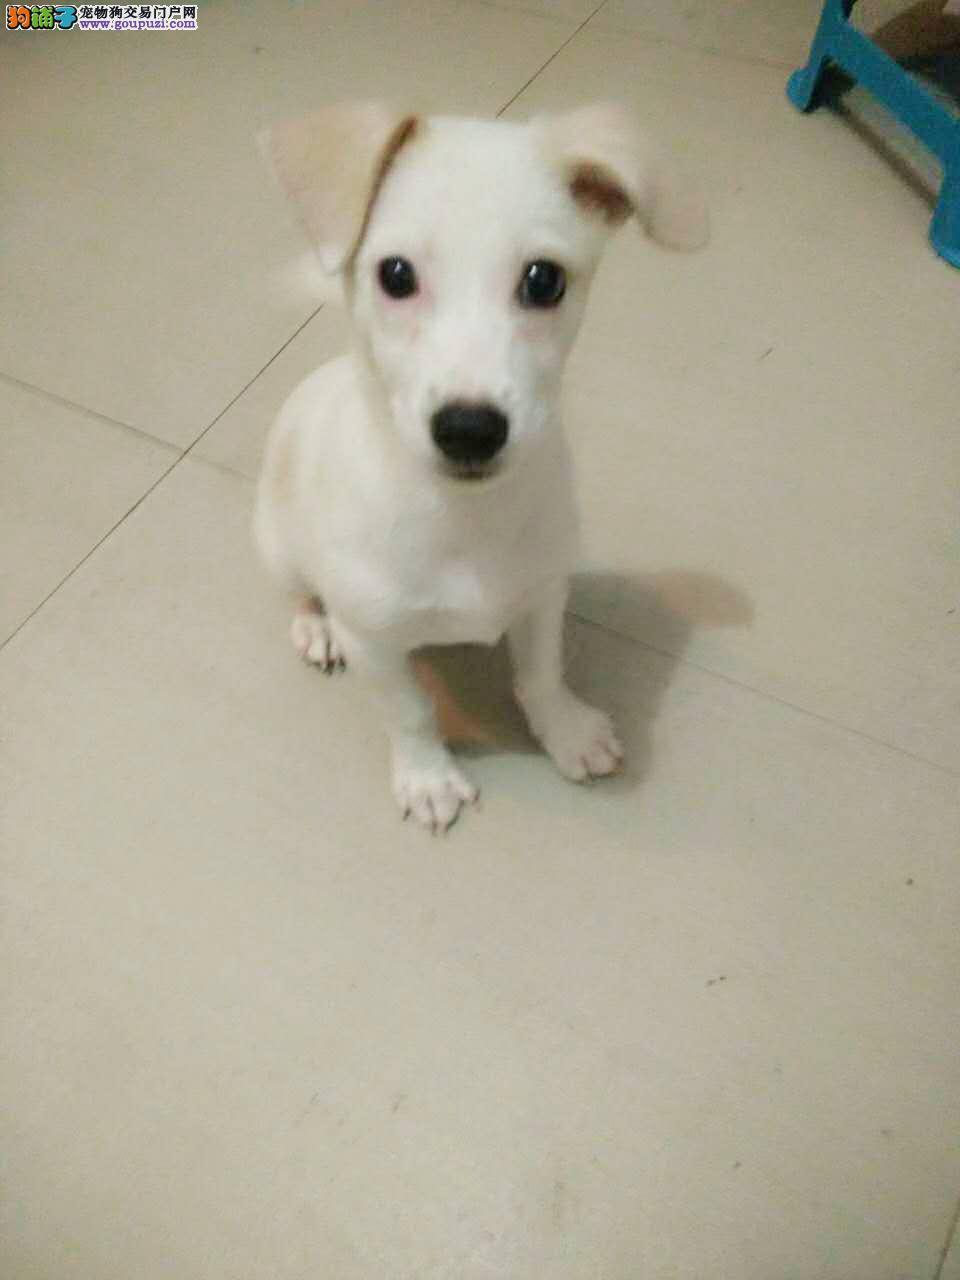 4个月的狗狗400元转卖啦,求爱心人士前来购买